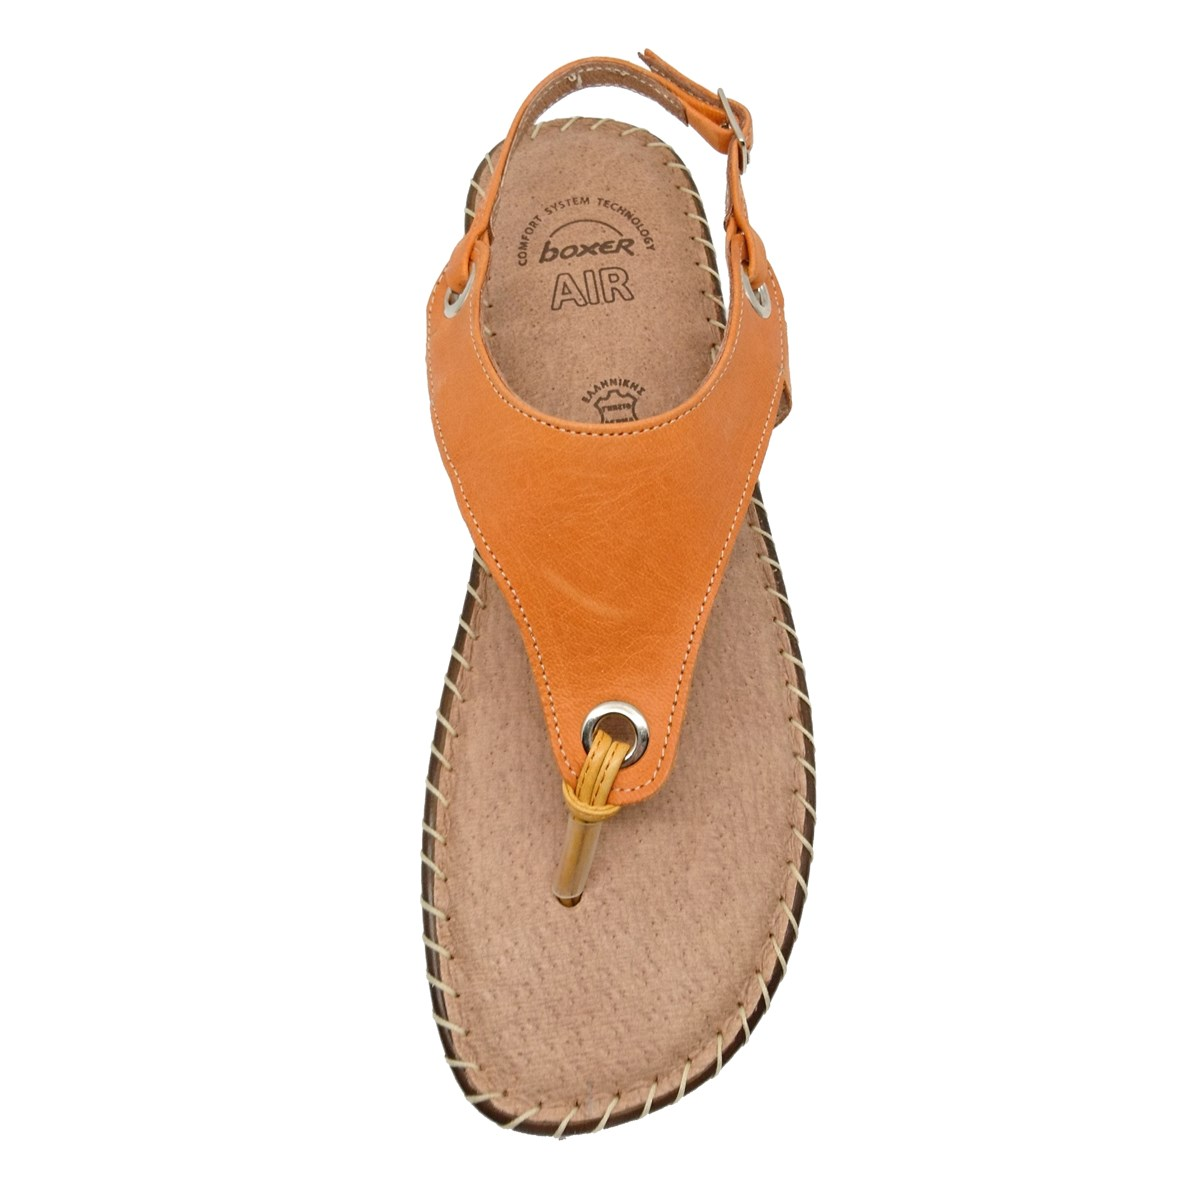 Γυναικείο πέδιλο Boxer 82311 17-237 πορτοκαλί δέρμα